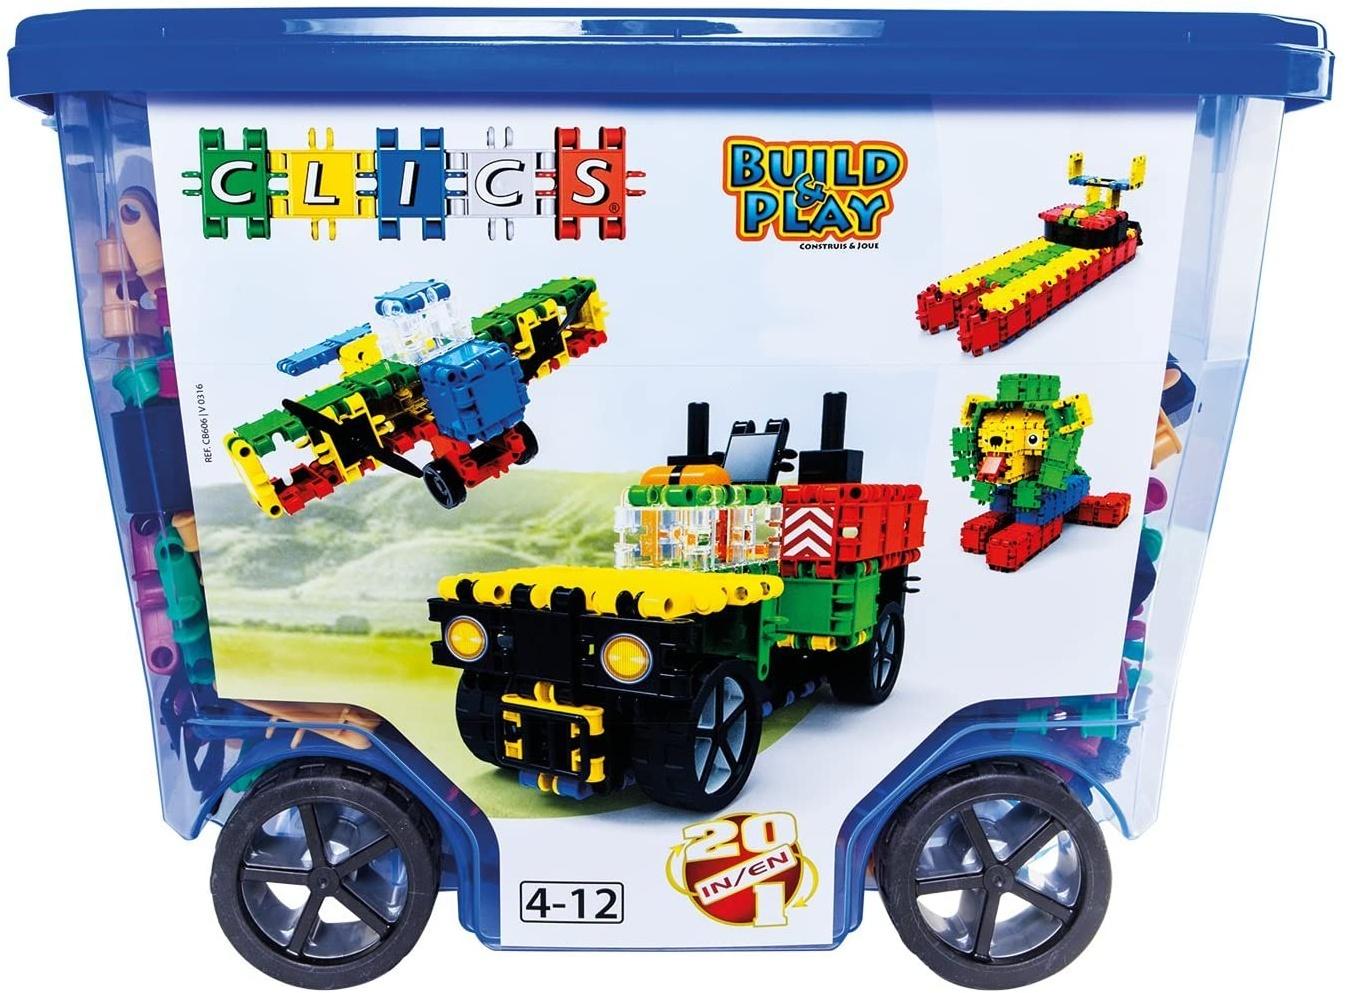 CLICS Konstruktionsspielzeug für Kinder ab 3 Jahre, kreatives Lernspielzeug im 560 Teile Set, Bausteine für Mädchen und Jungen, Montessori STEM-Spielzeug, Box mit Rollen 20 in 1, Bild 1